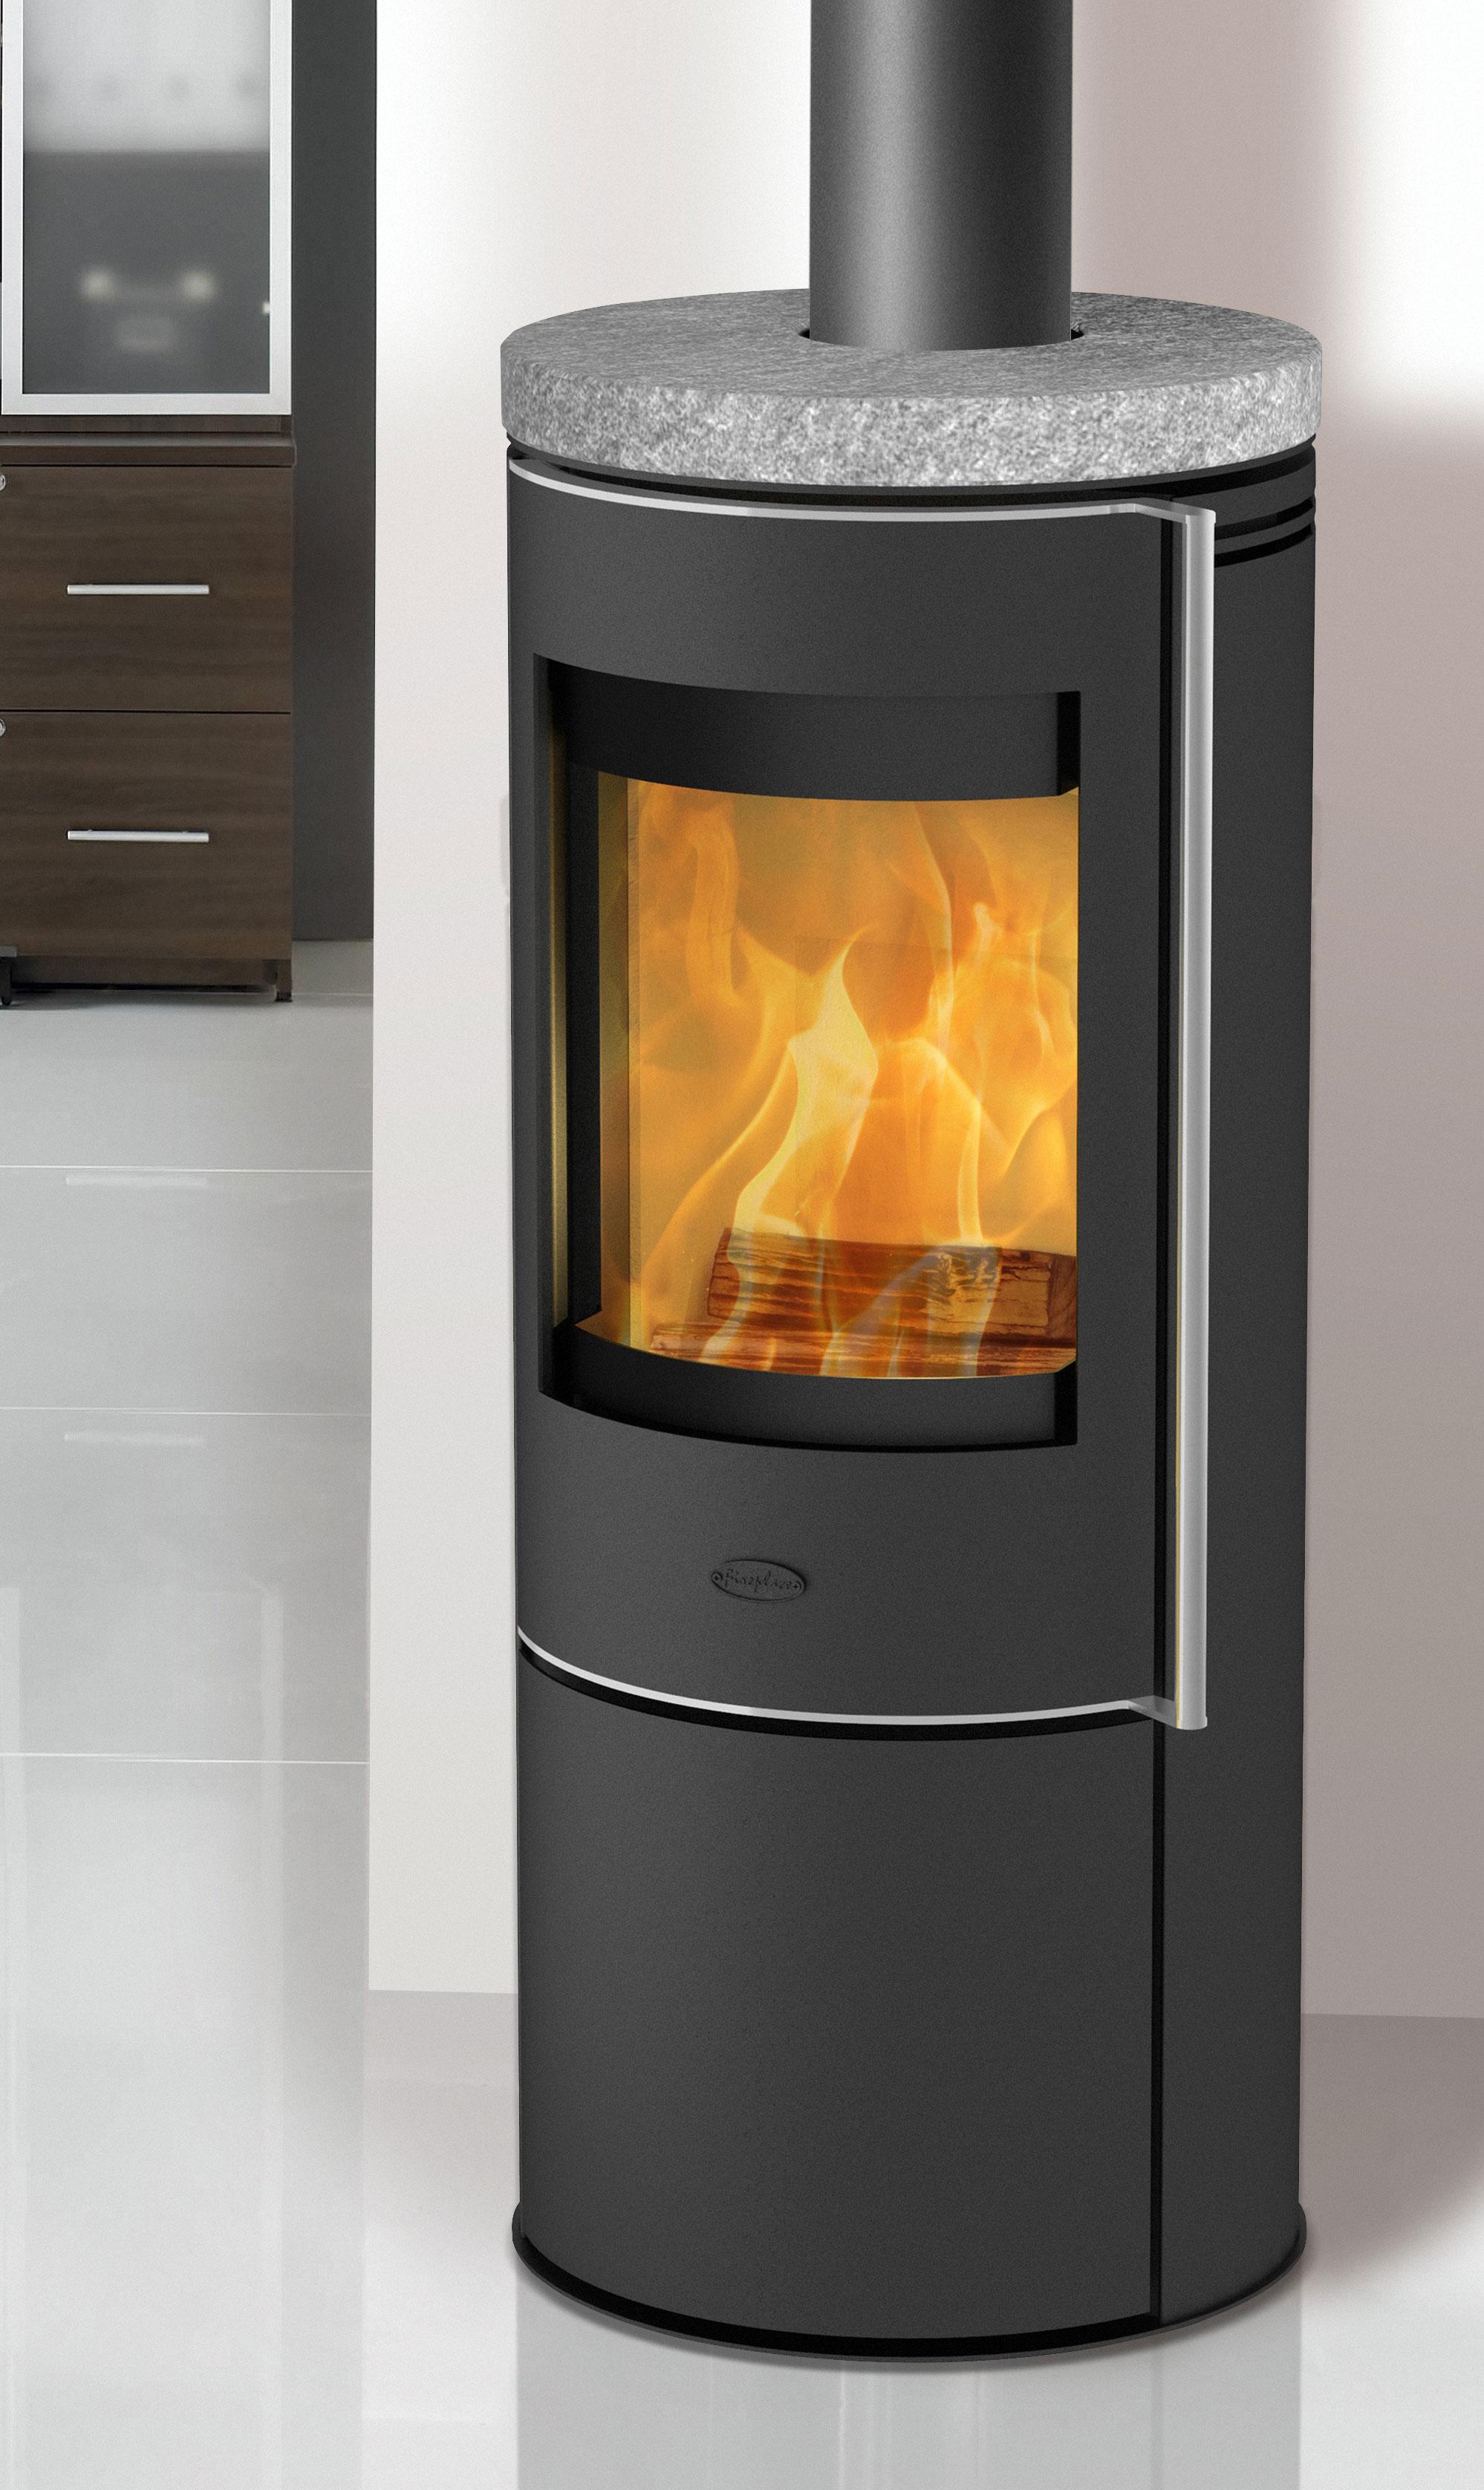 Kaminofen Fireplace Orando Speckstein raumluftunabhängig 5kW Bild 1